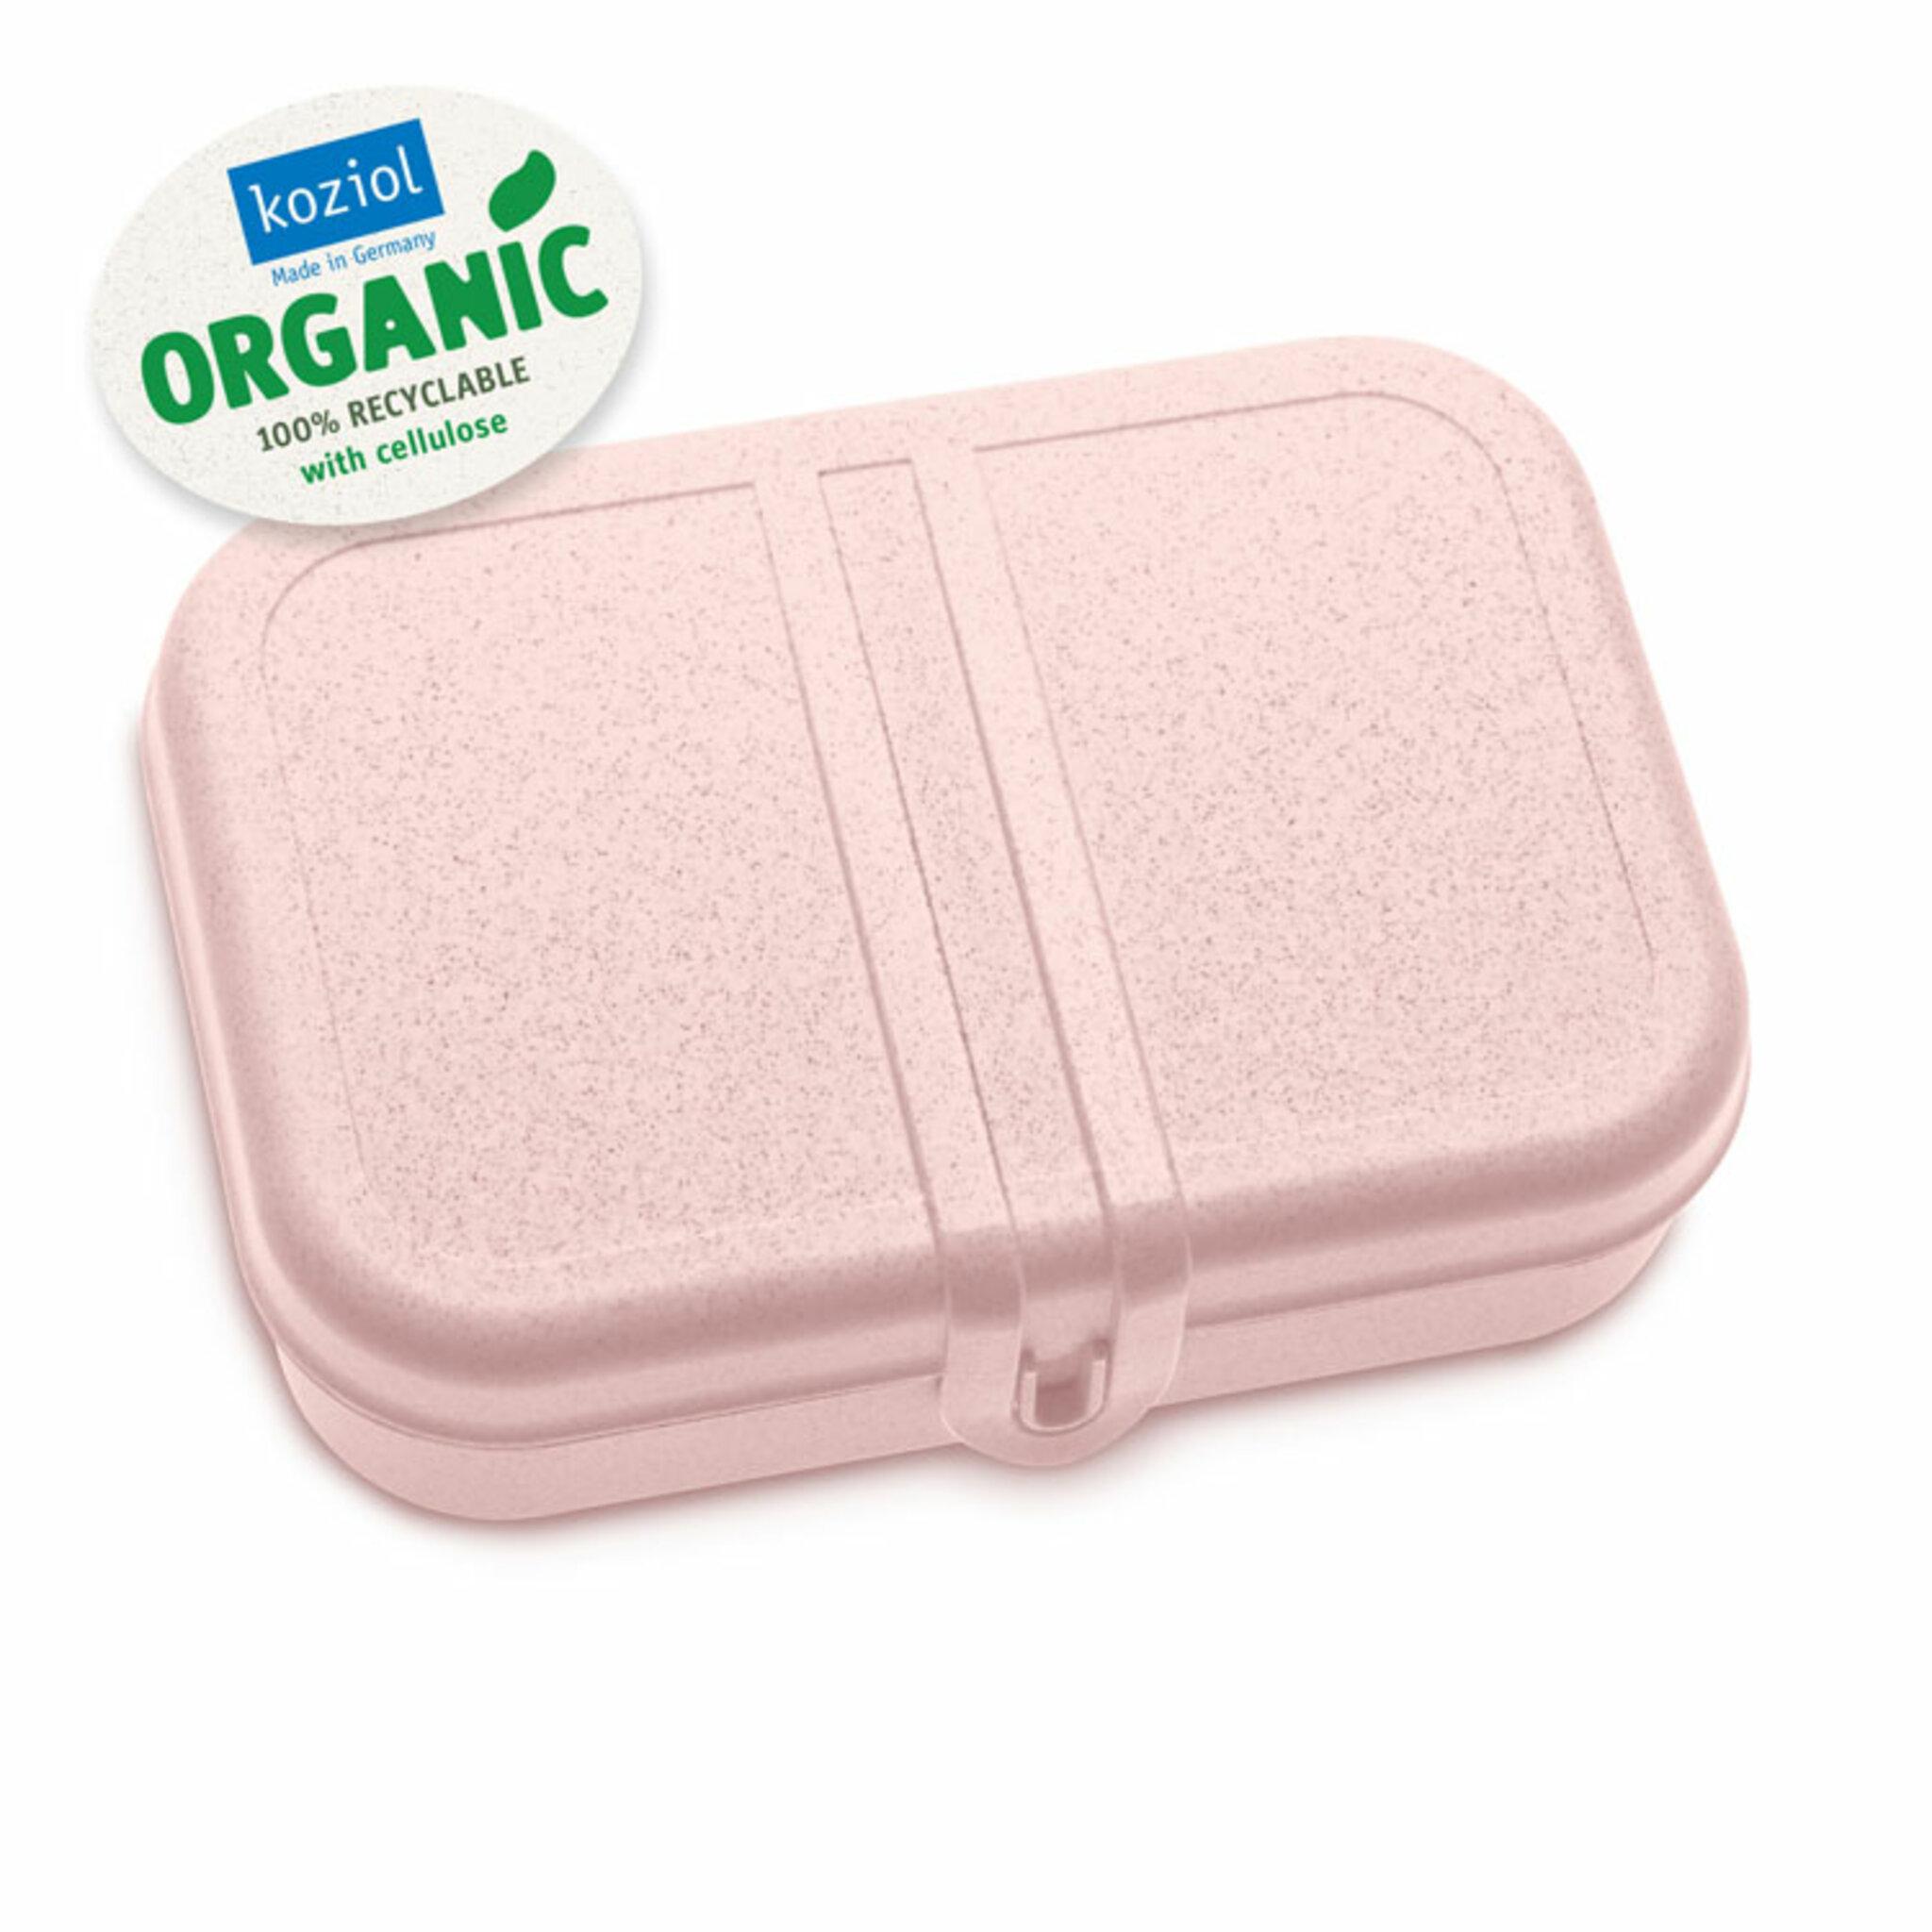 PASCAL L Lunchlåda/Lunchbox Organic 2-pack